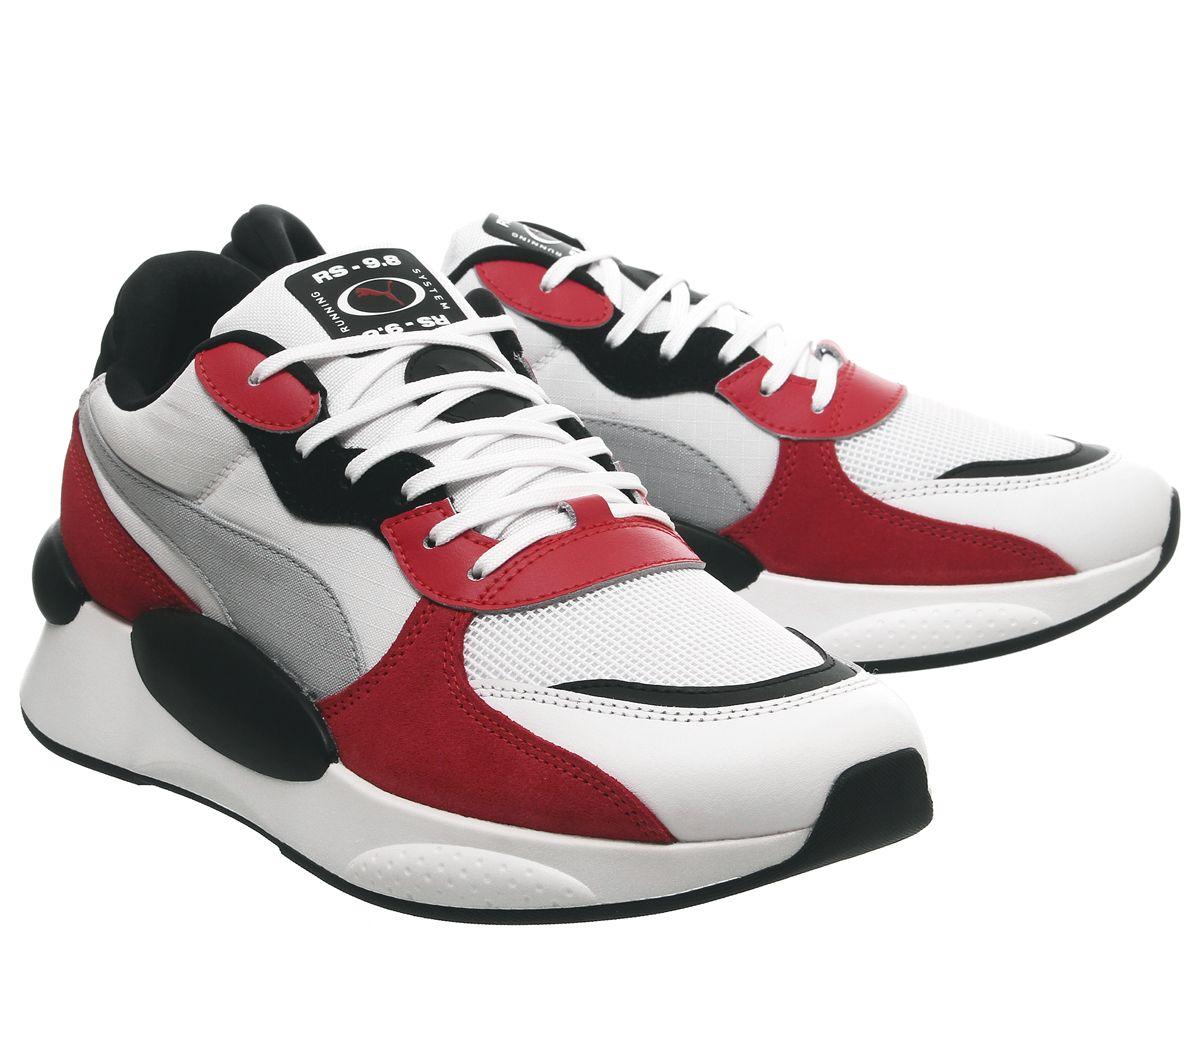 Détails sur Puma Rs 9.8 Espace Baskets puma Blanc Haut Risk Rouge Baskets